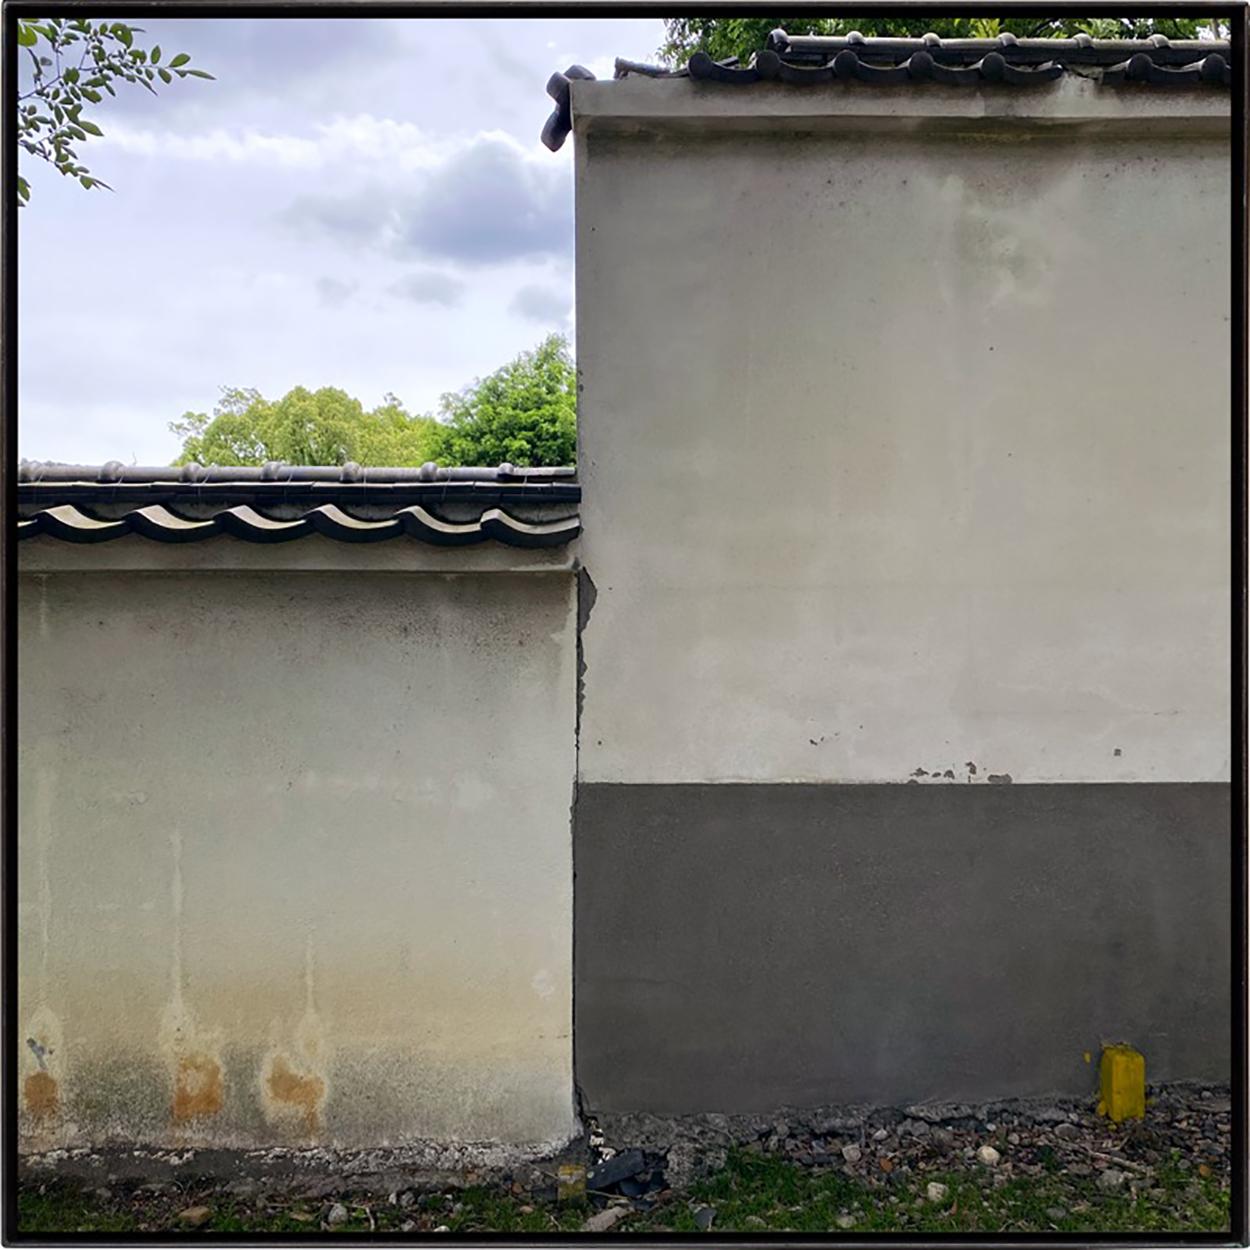 壁を眺める/Looking at a wall|Lambda silversalt print, acrylic board, iron|515 x 515 x 25 mm|2020<br>¥150,000-250,000